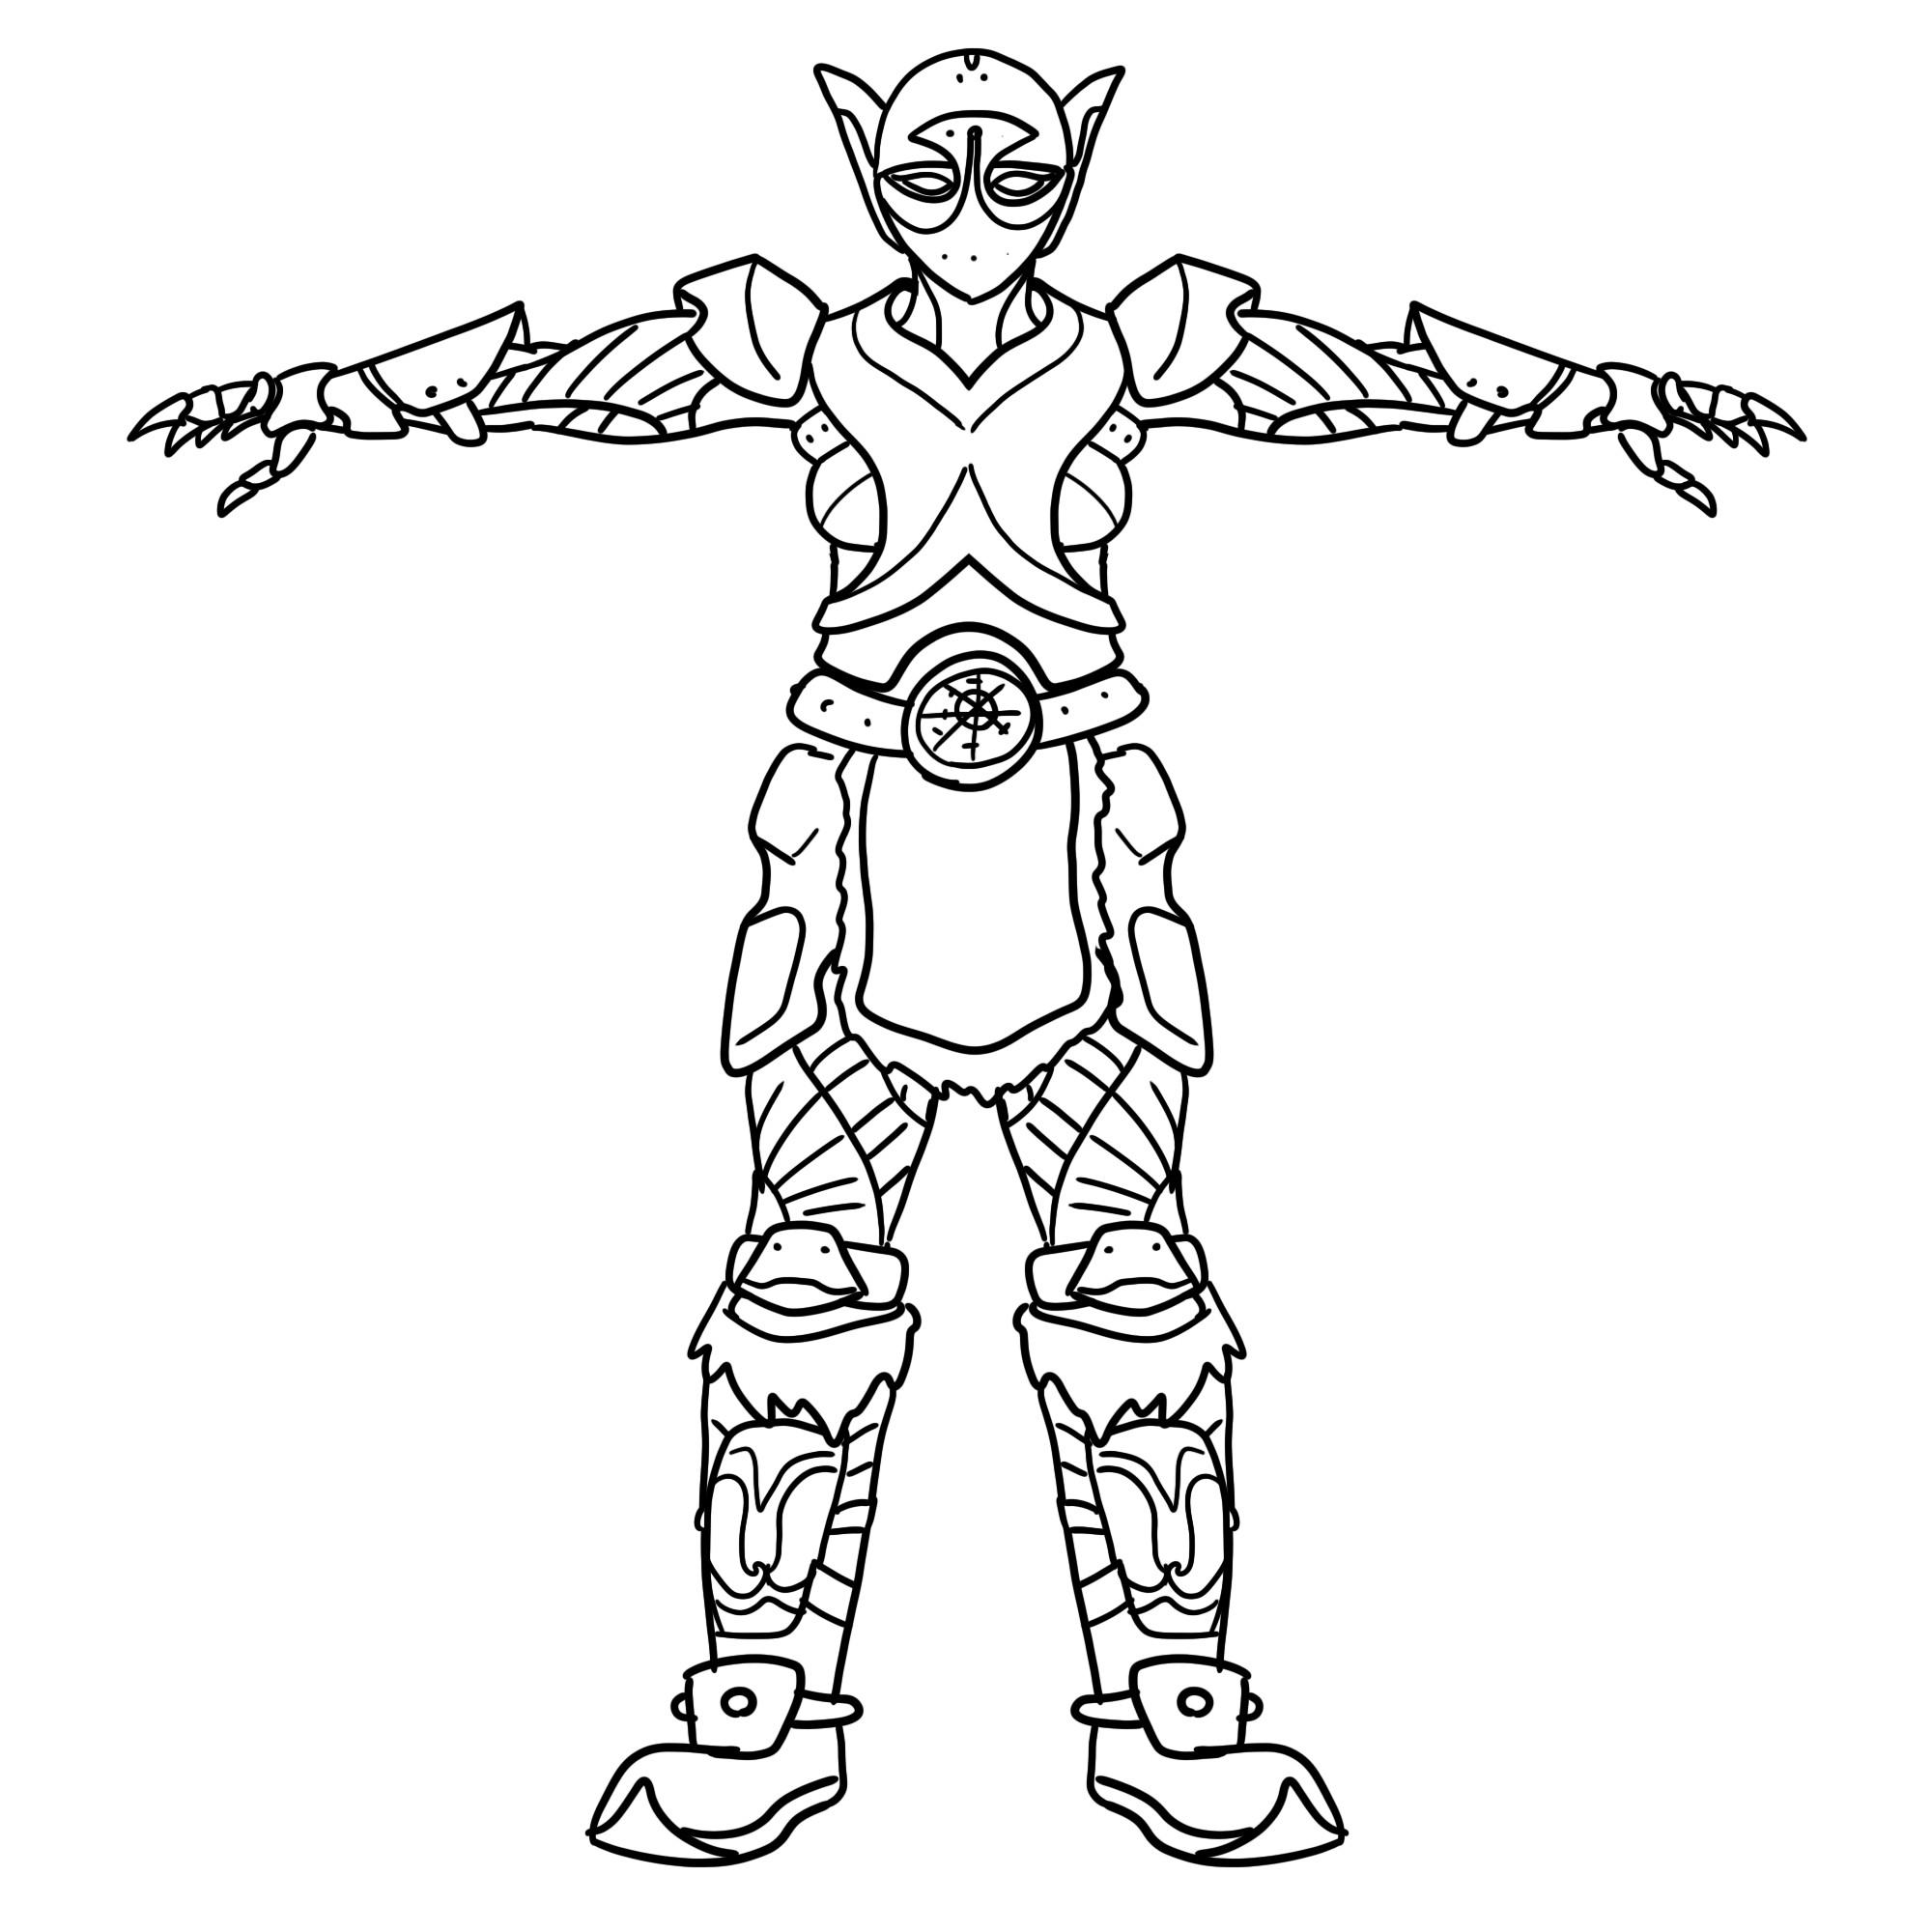 Ylva - Sketch 2